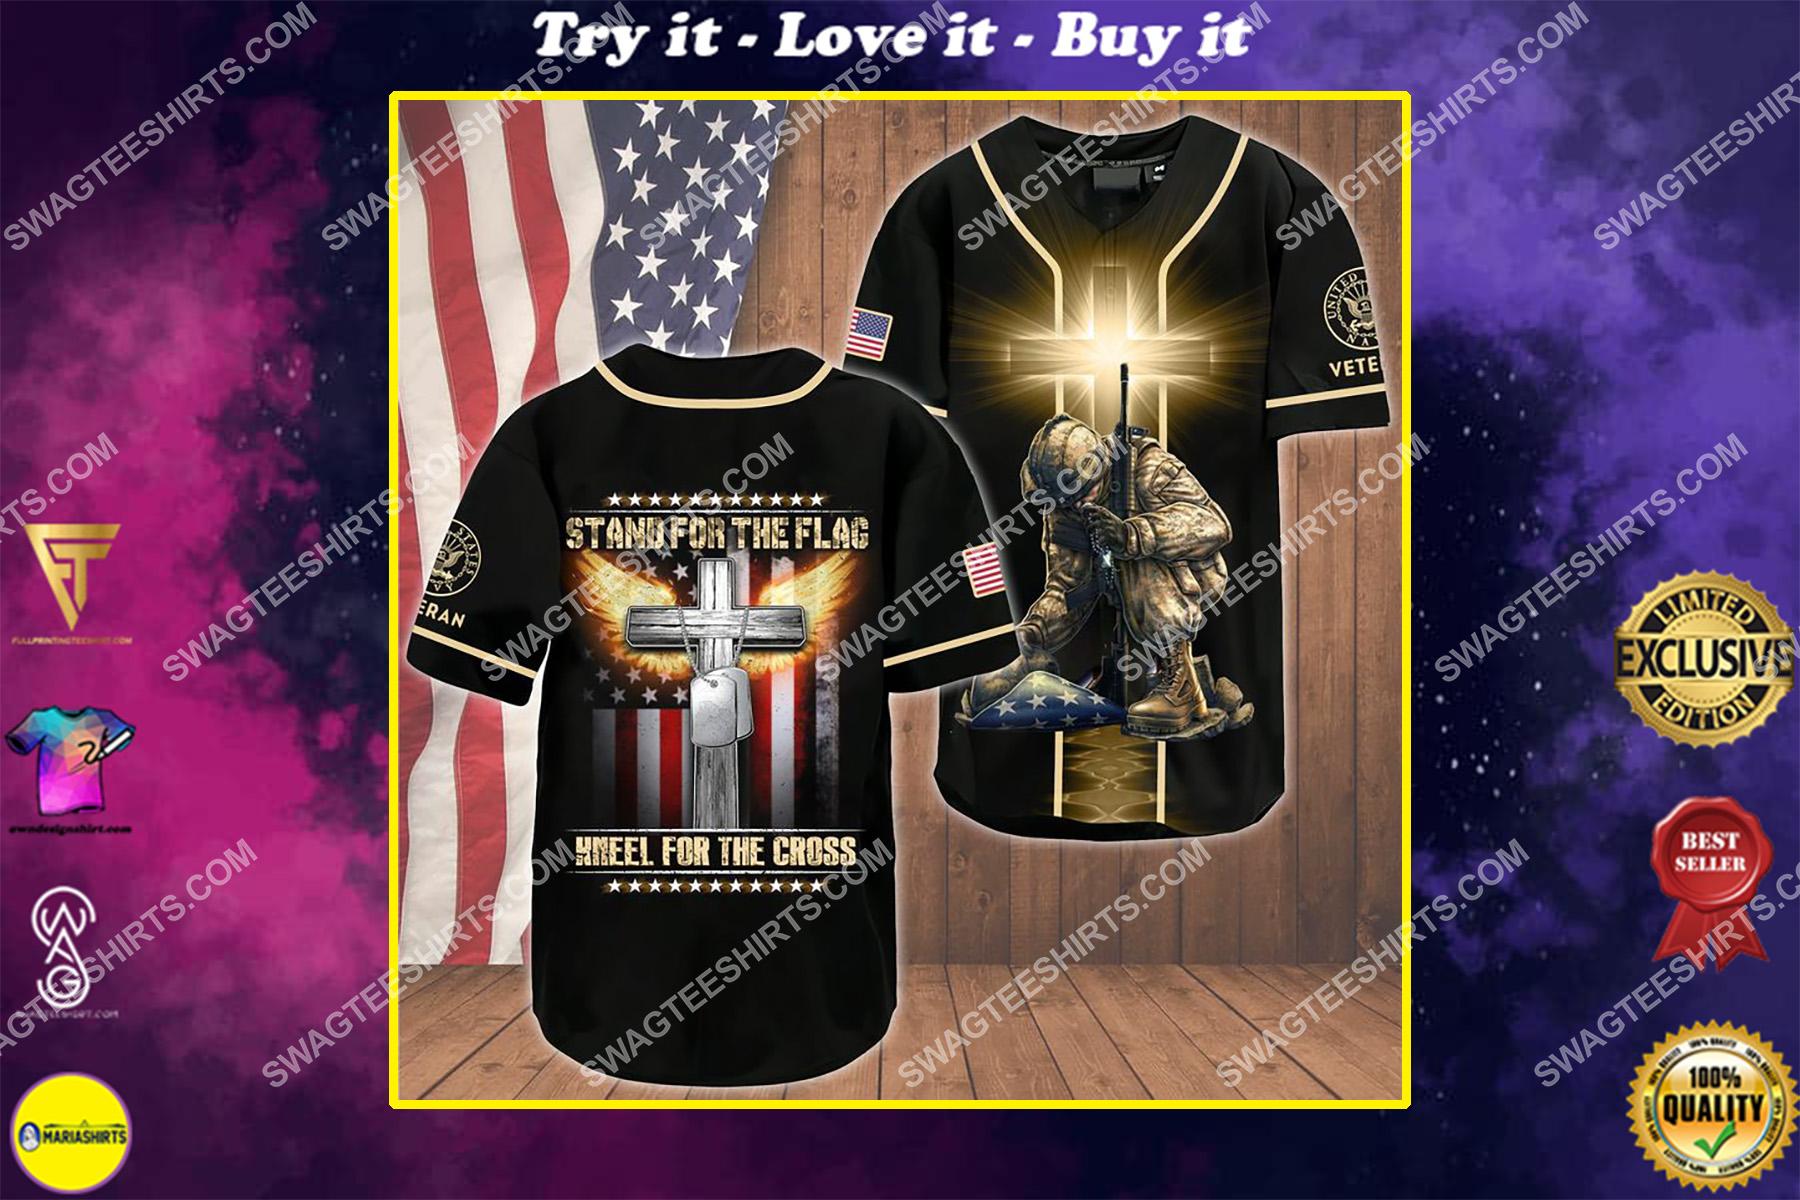 stand for the flag kneel for the Cross navy veteran baseball shirt